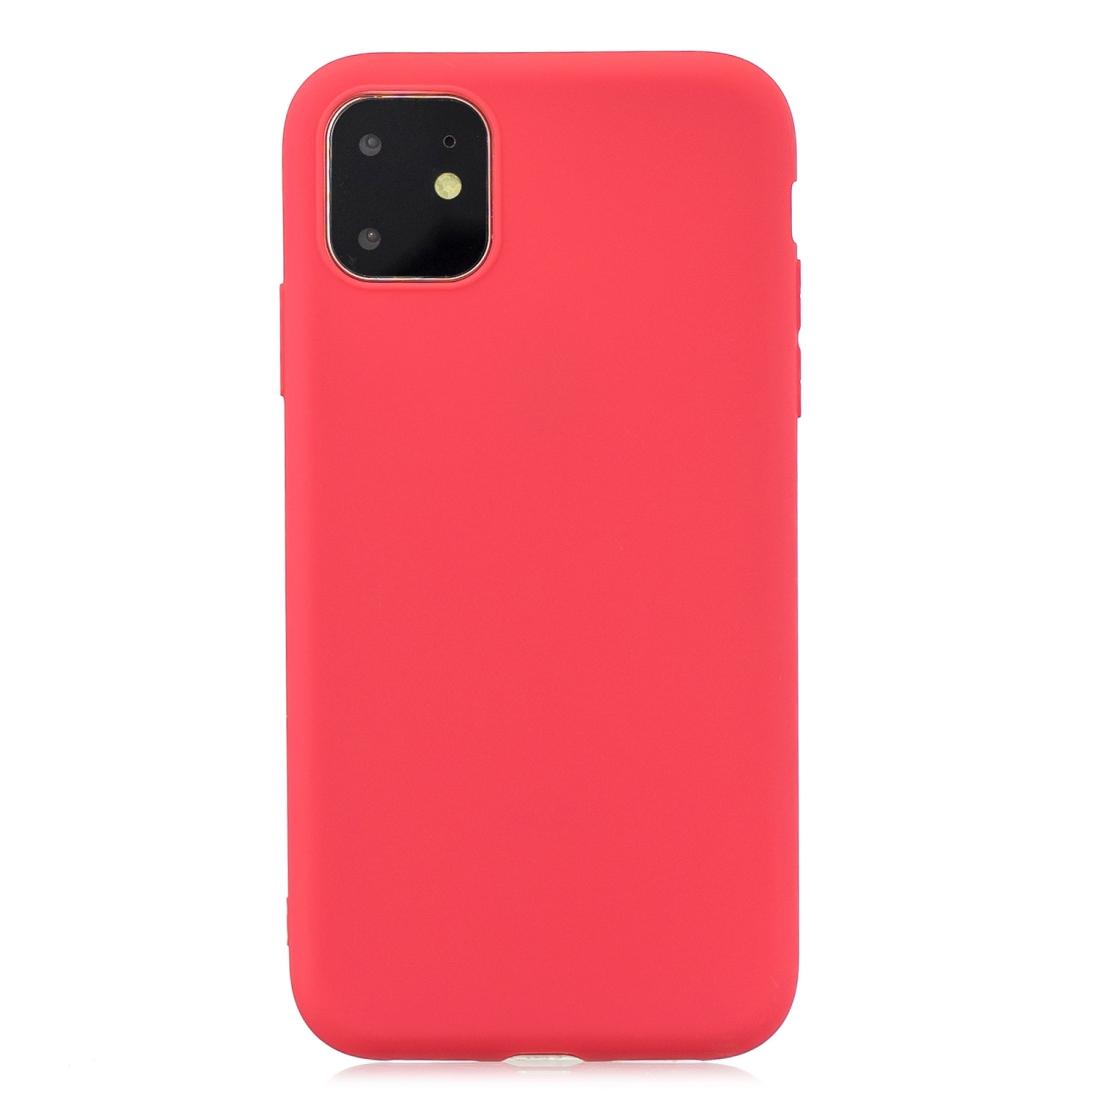 Matný silikonový obal na iPhone 11 - červená